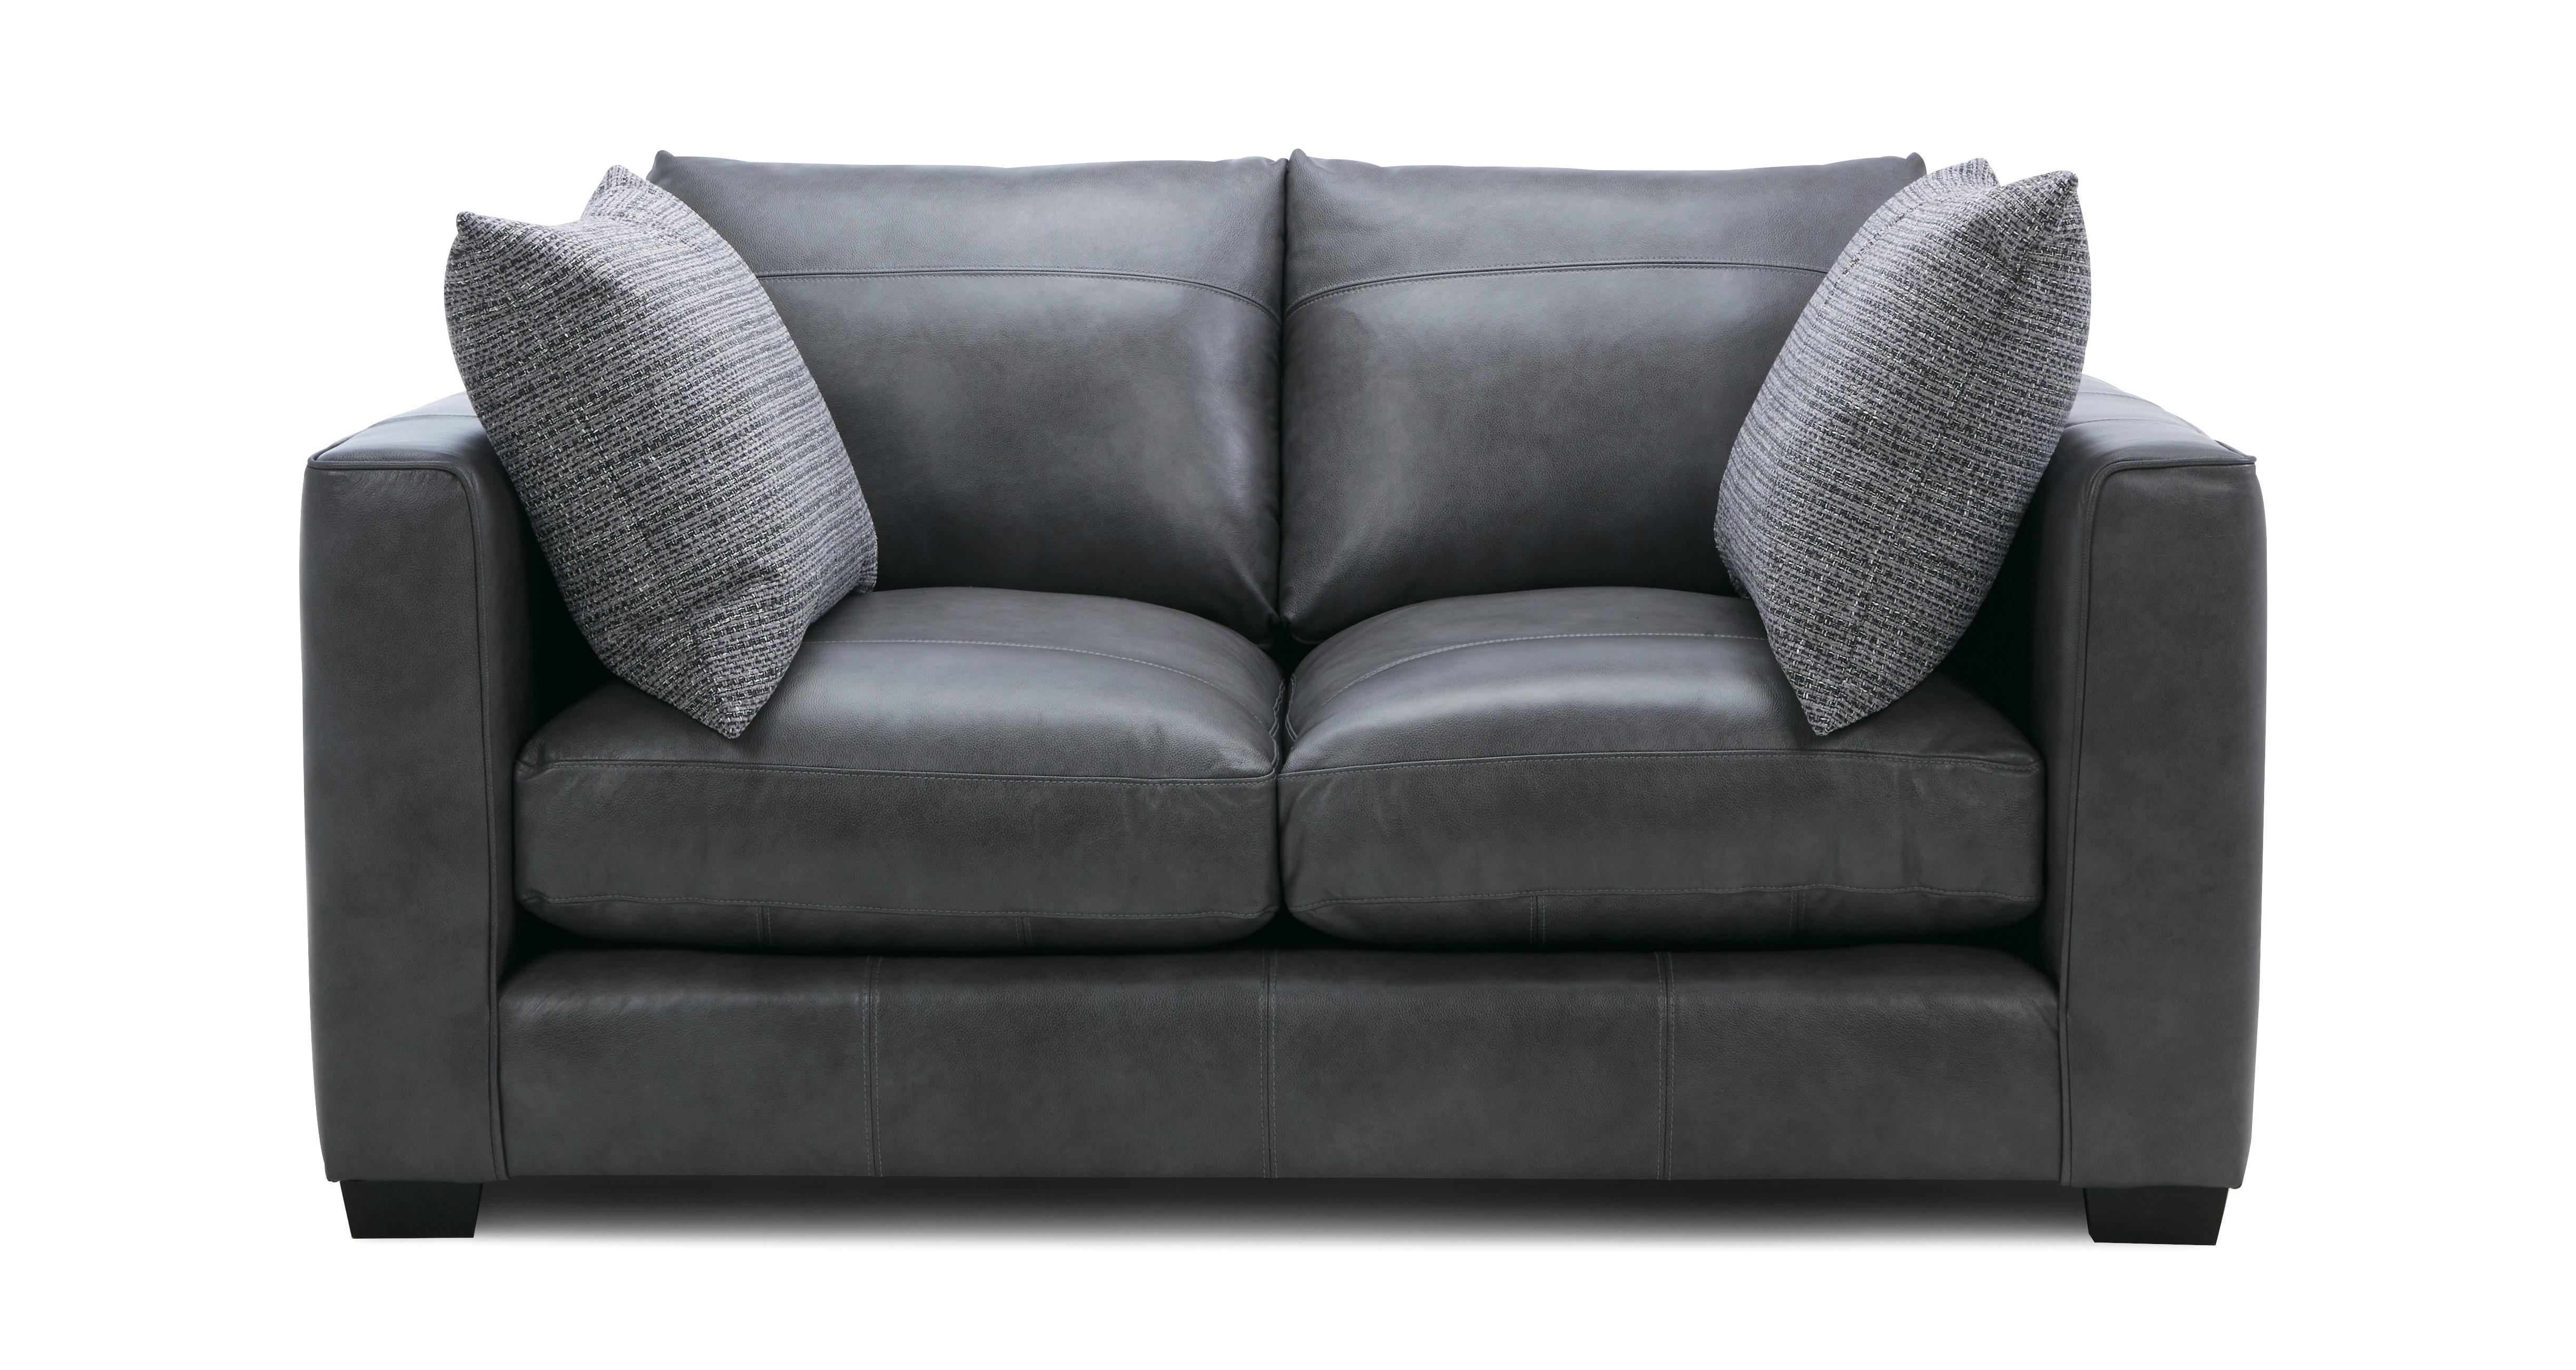 Keaton Leather Small 2 Seater Sofa Keaton Leather | DFS ...